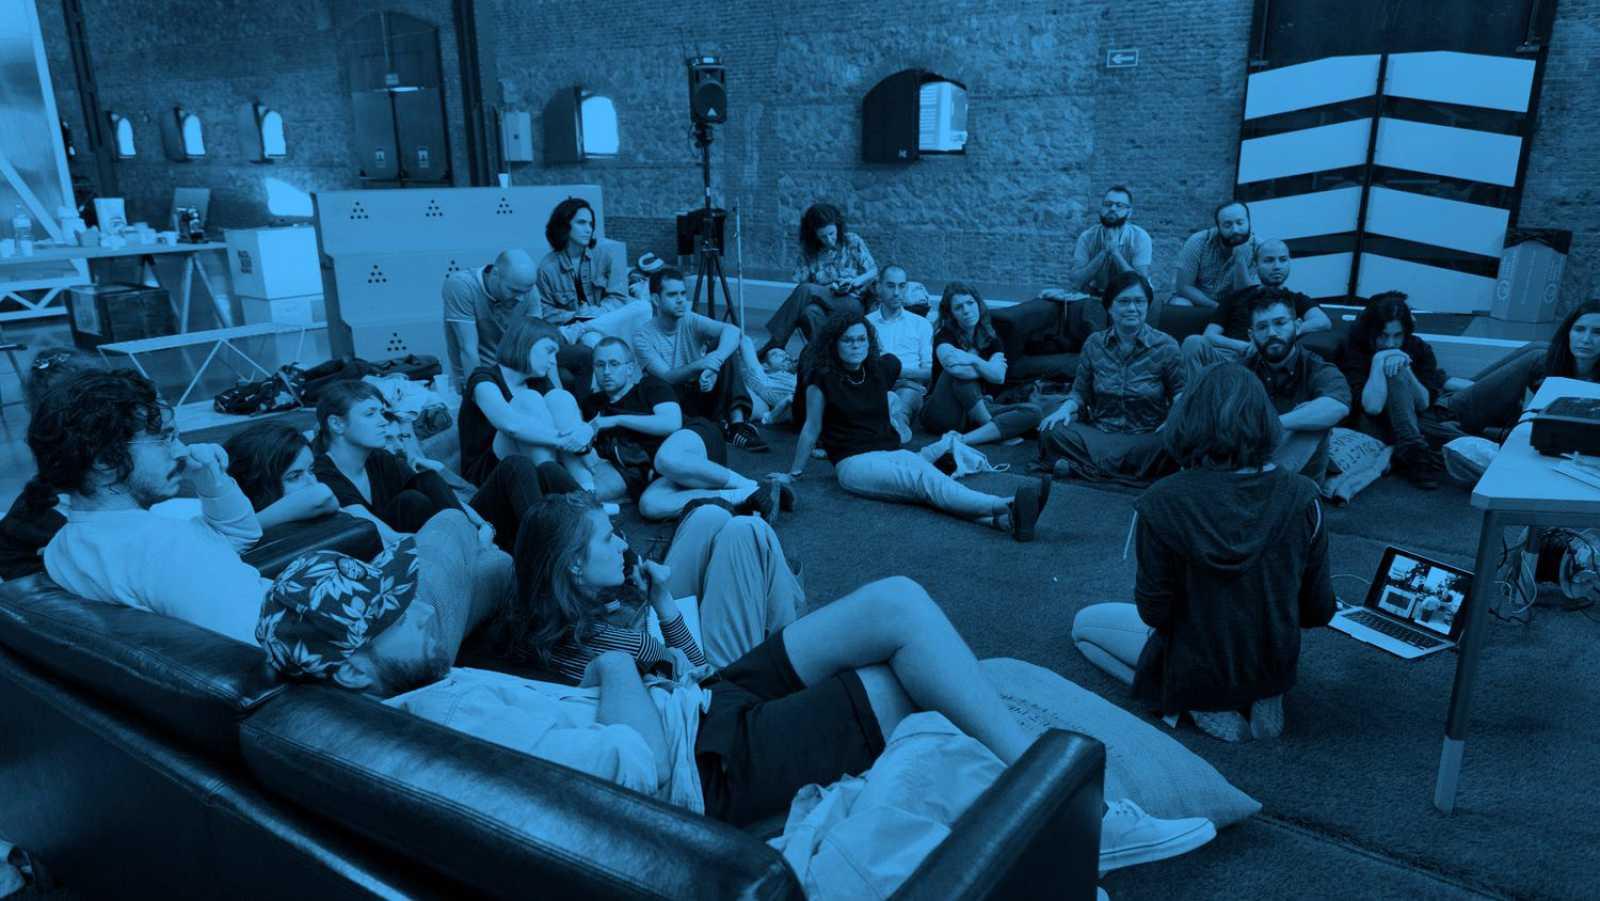 Punto enlace - Hablarenarte da voz a los jóvenes - 13/05/21 - escuchar ahora